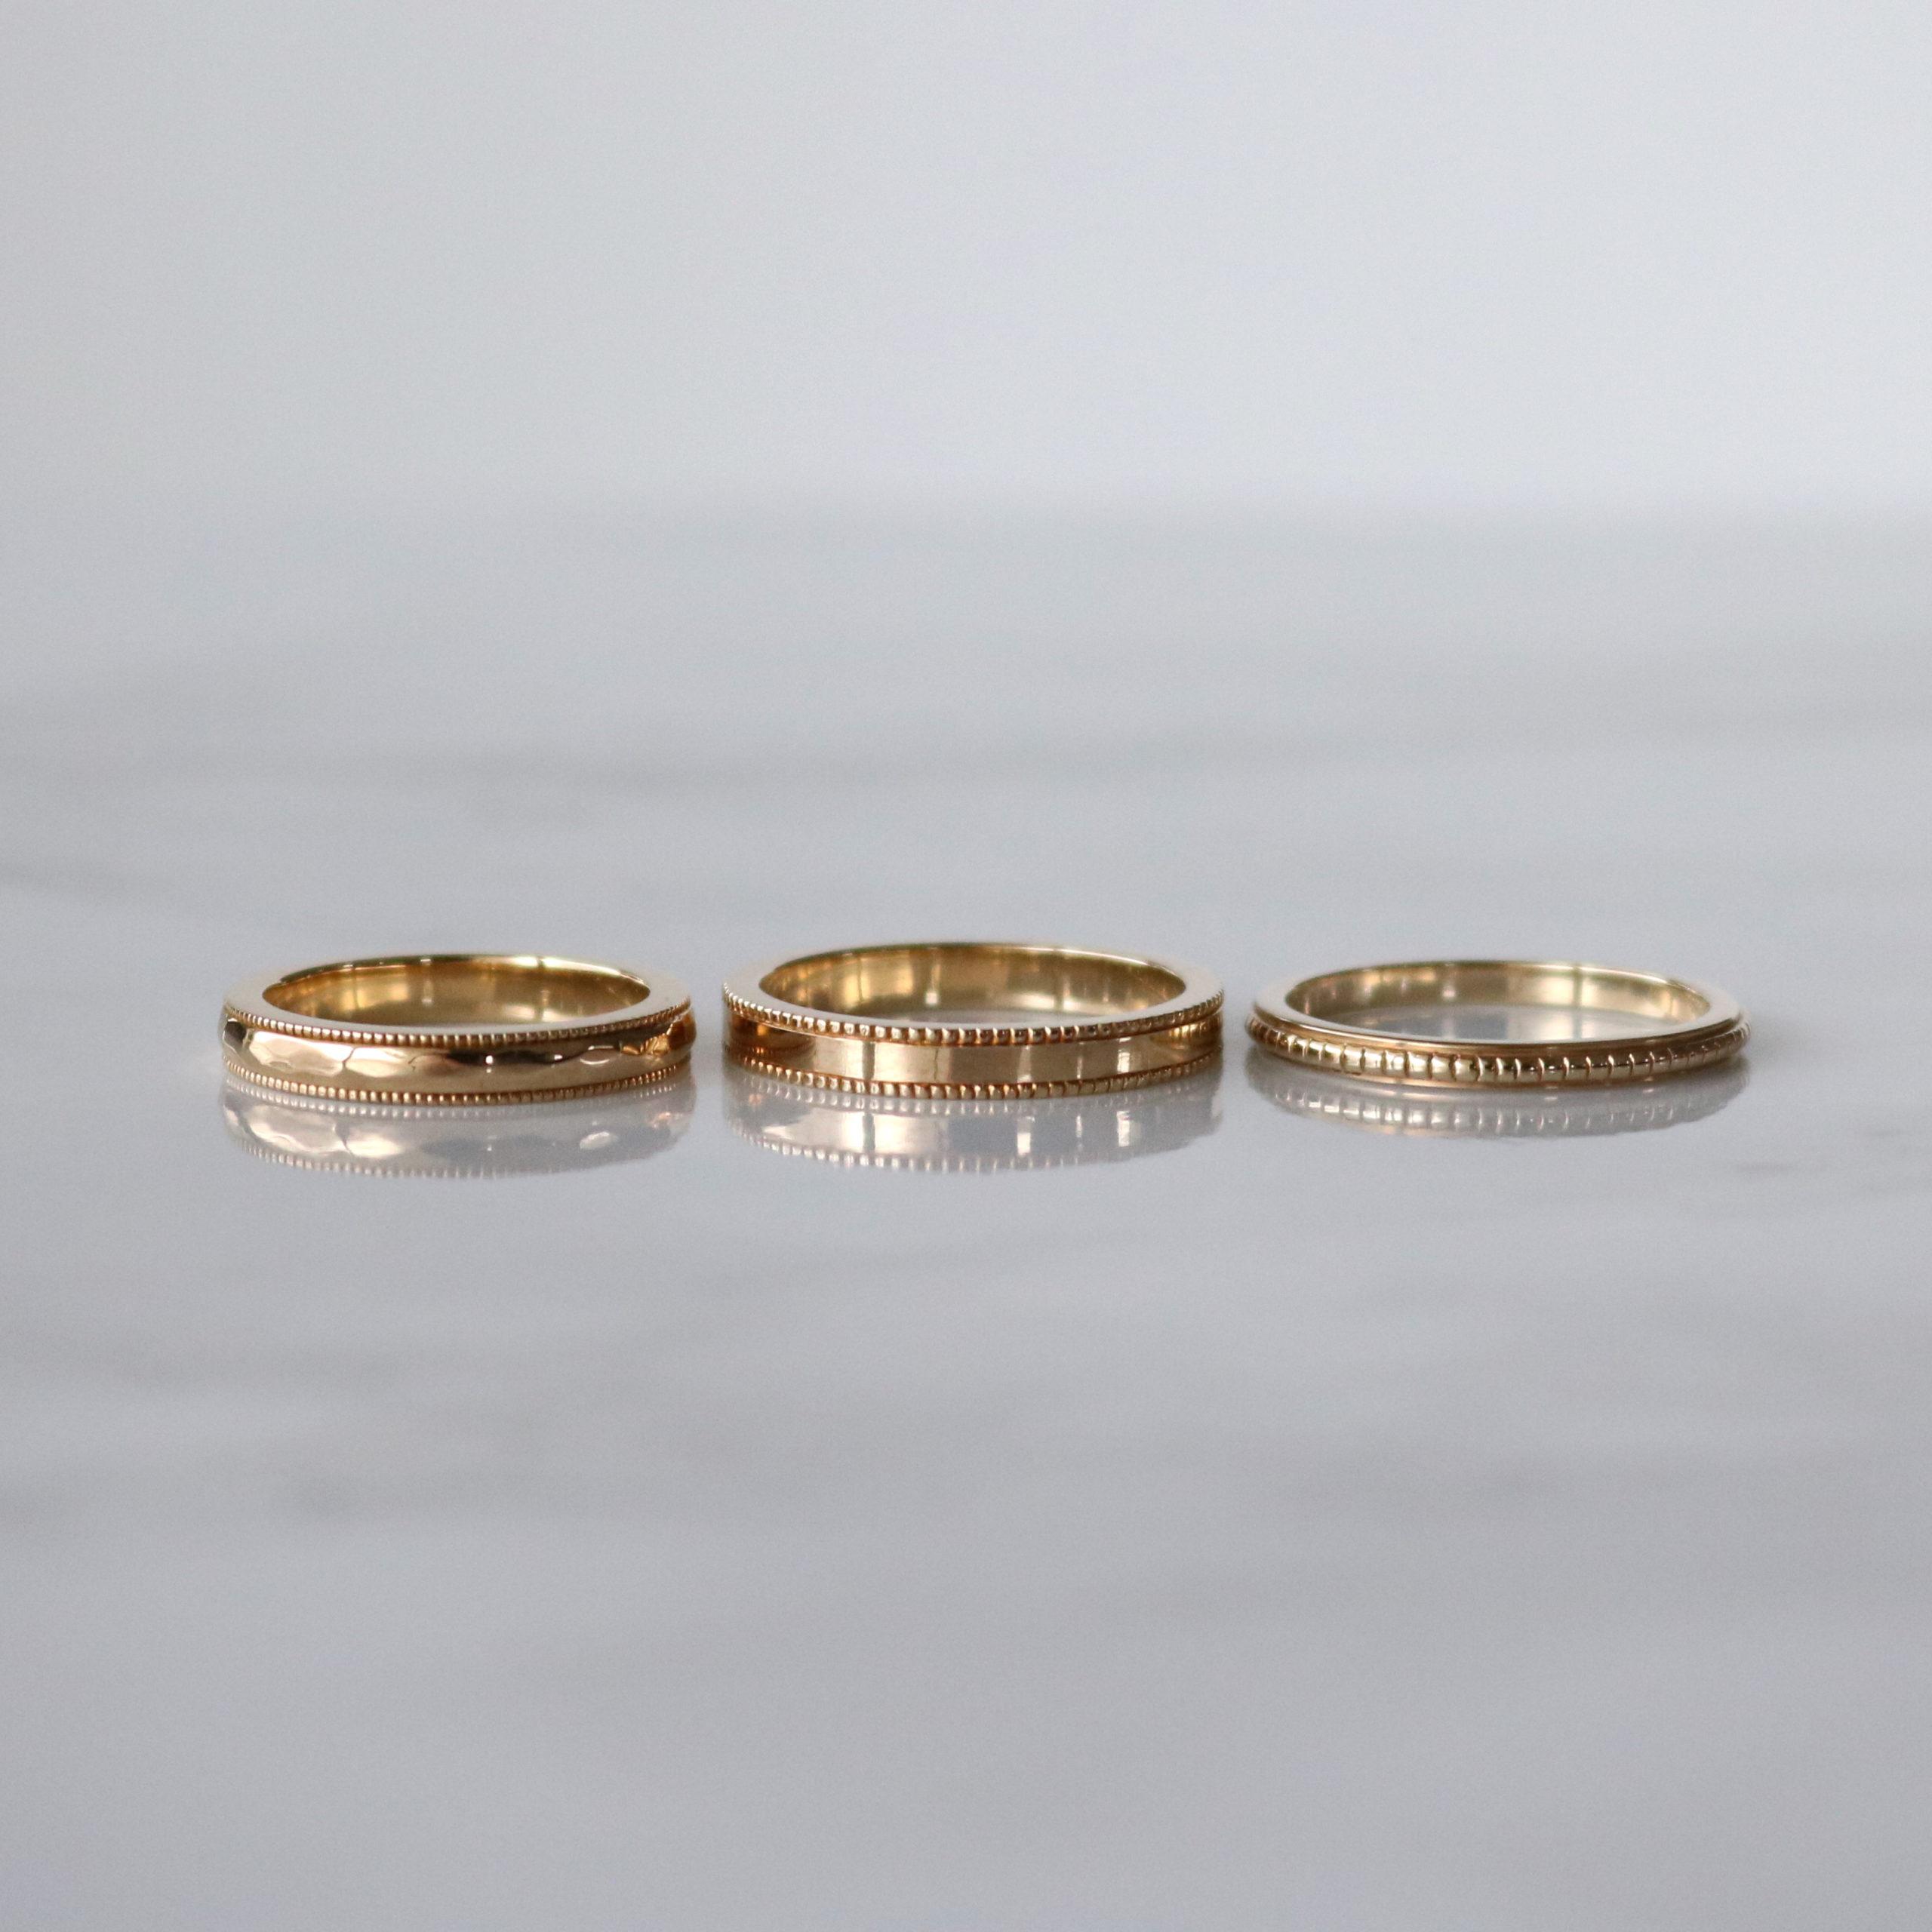 ミルグレイン(ミル打ち)の結婚指輪